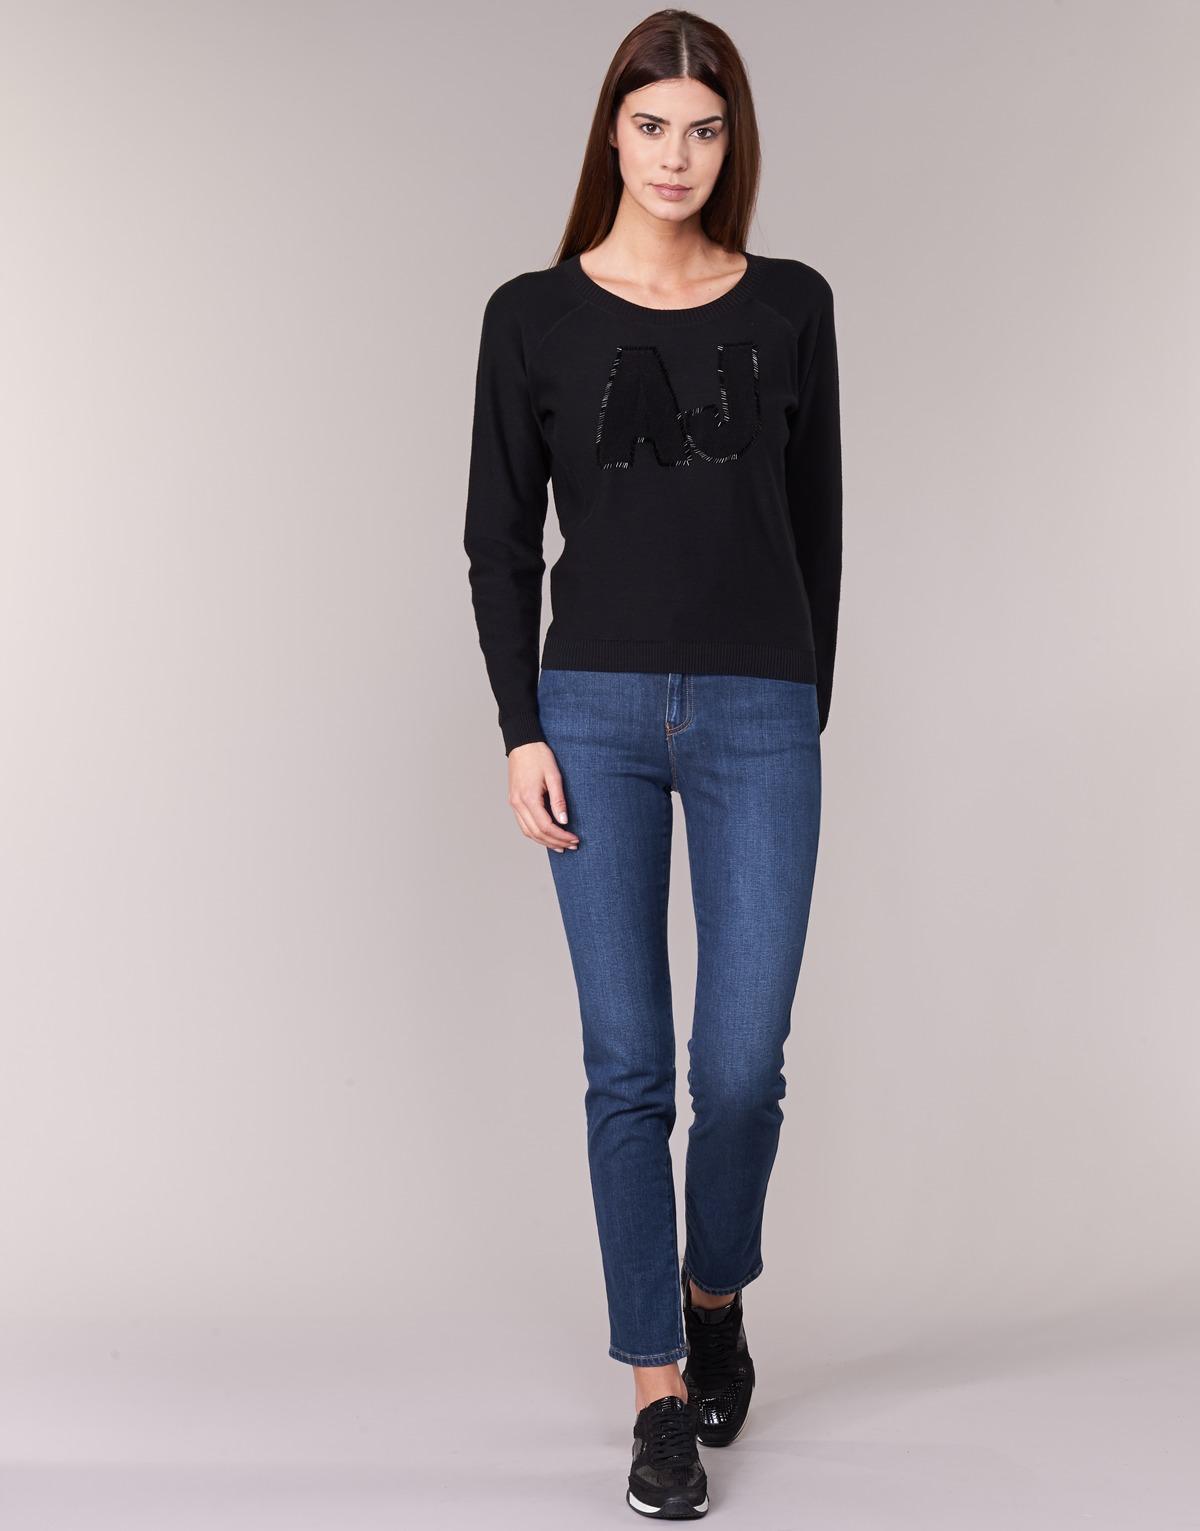 ffd751f27a Skinny Τζιν Armani jeans GAMIGO Σύνθεση  Βαμβάκι